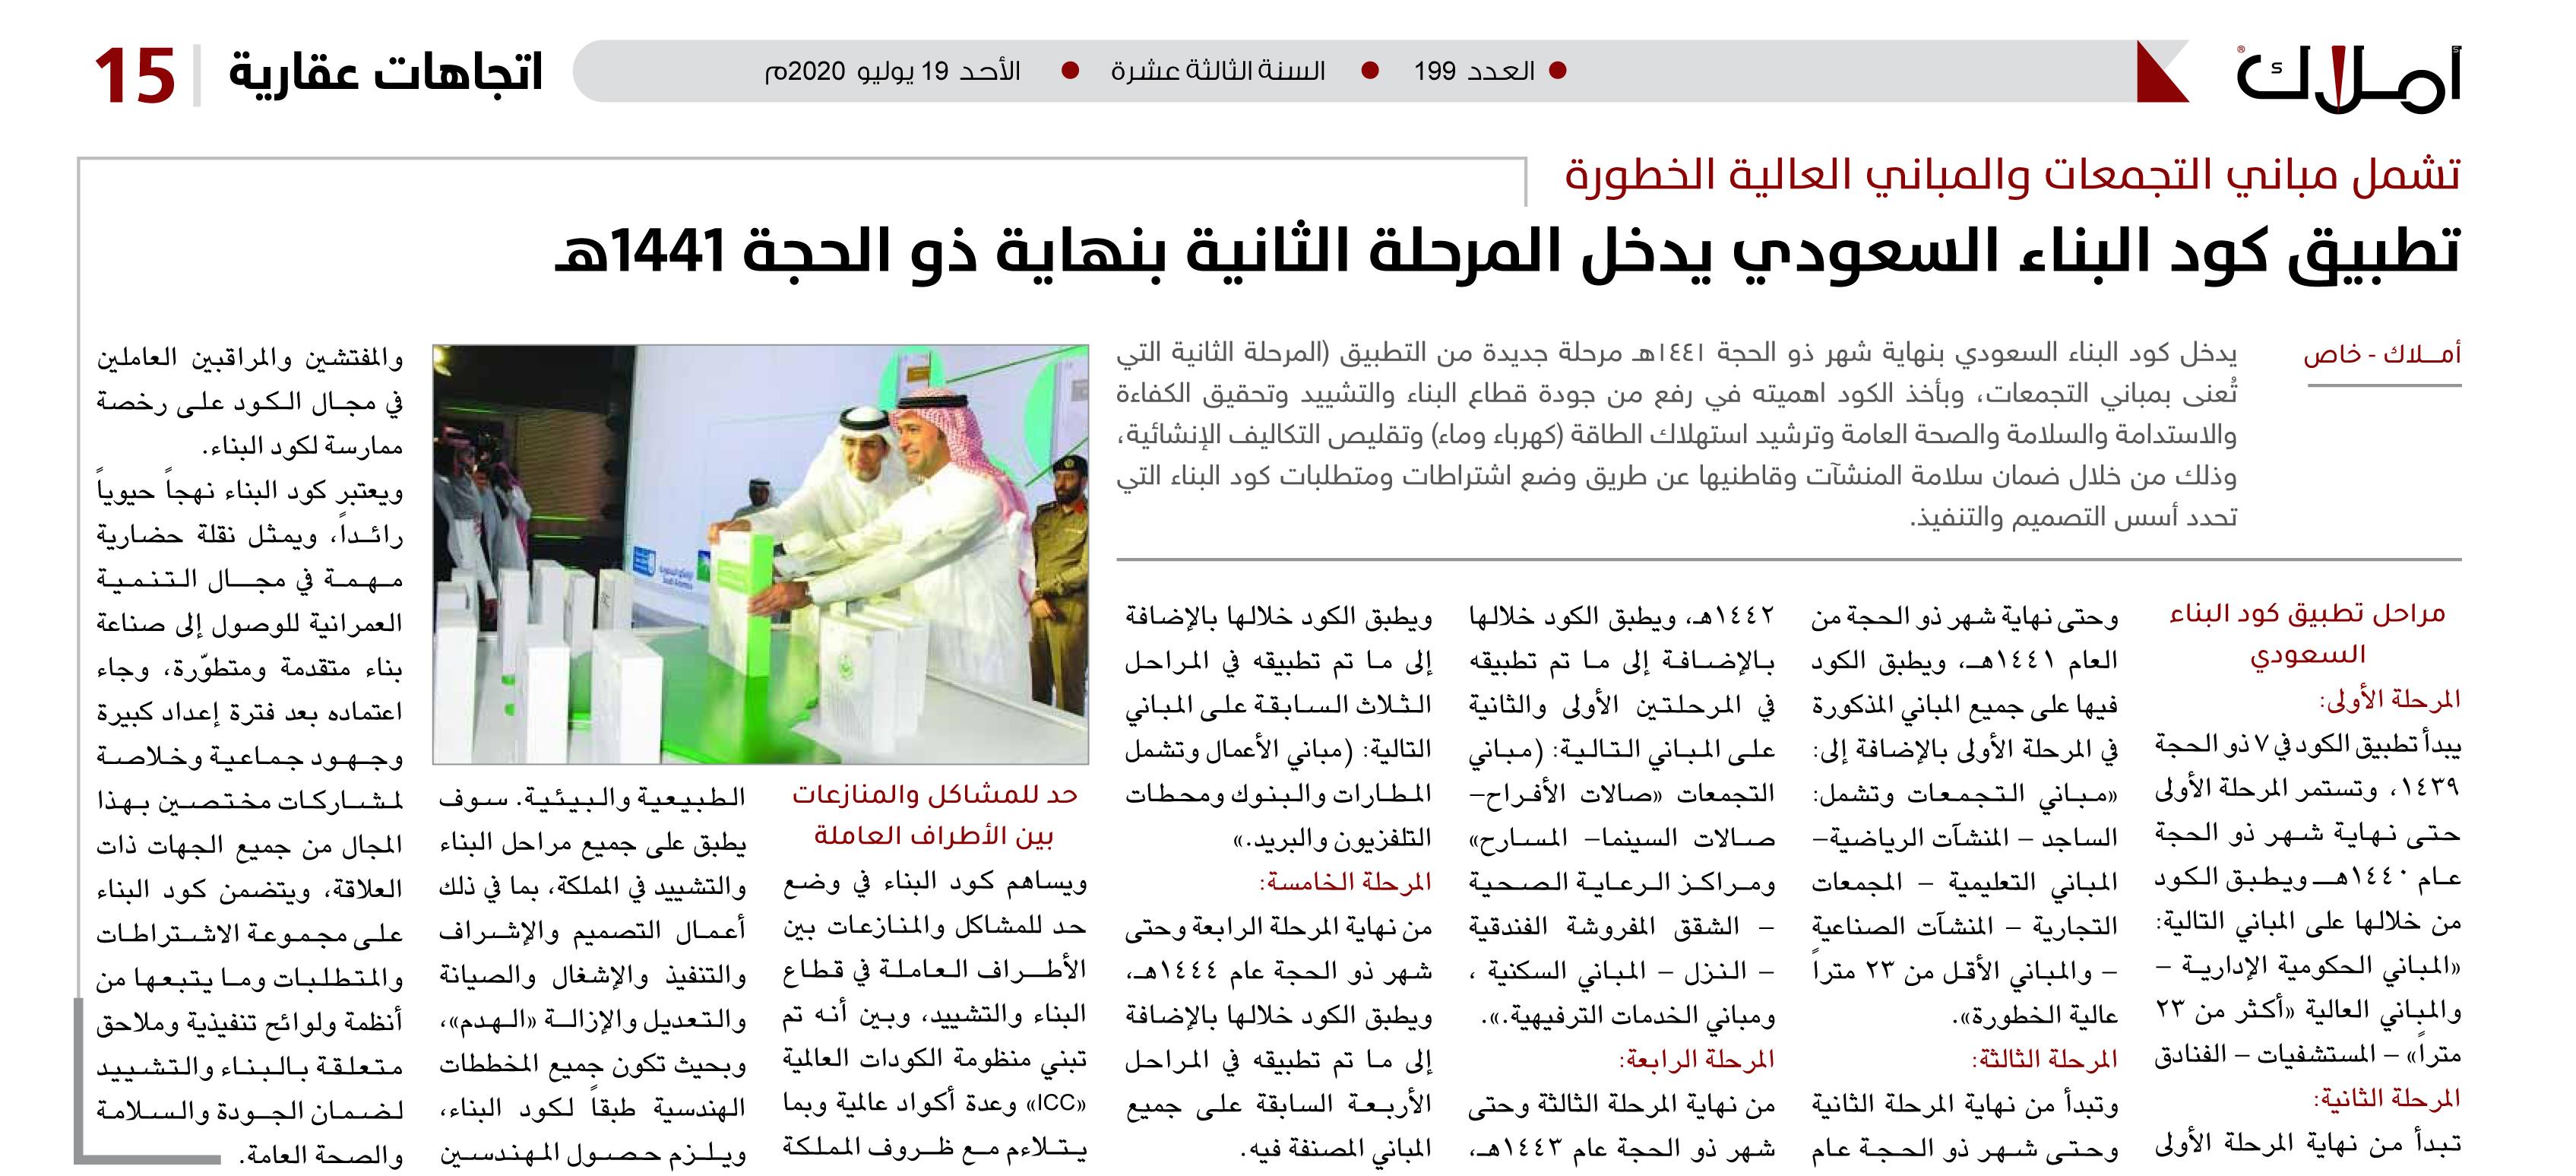 تطبيق كود البناء السعودي